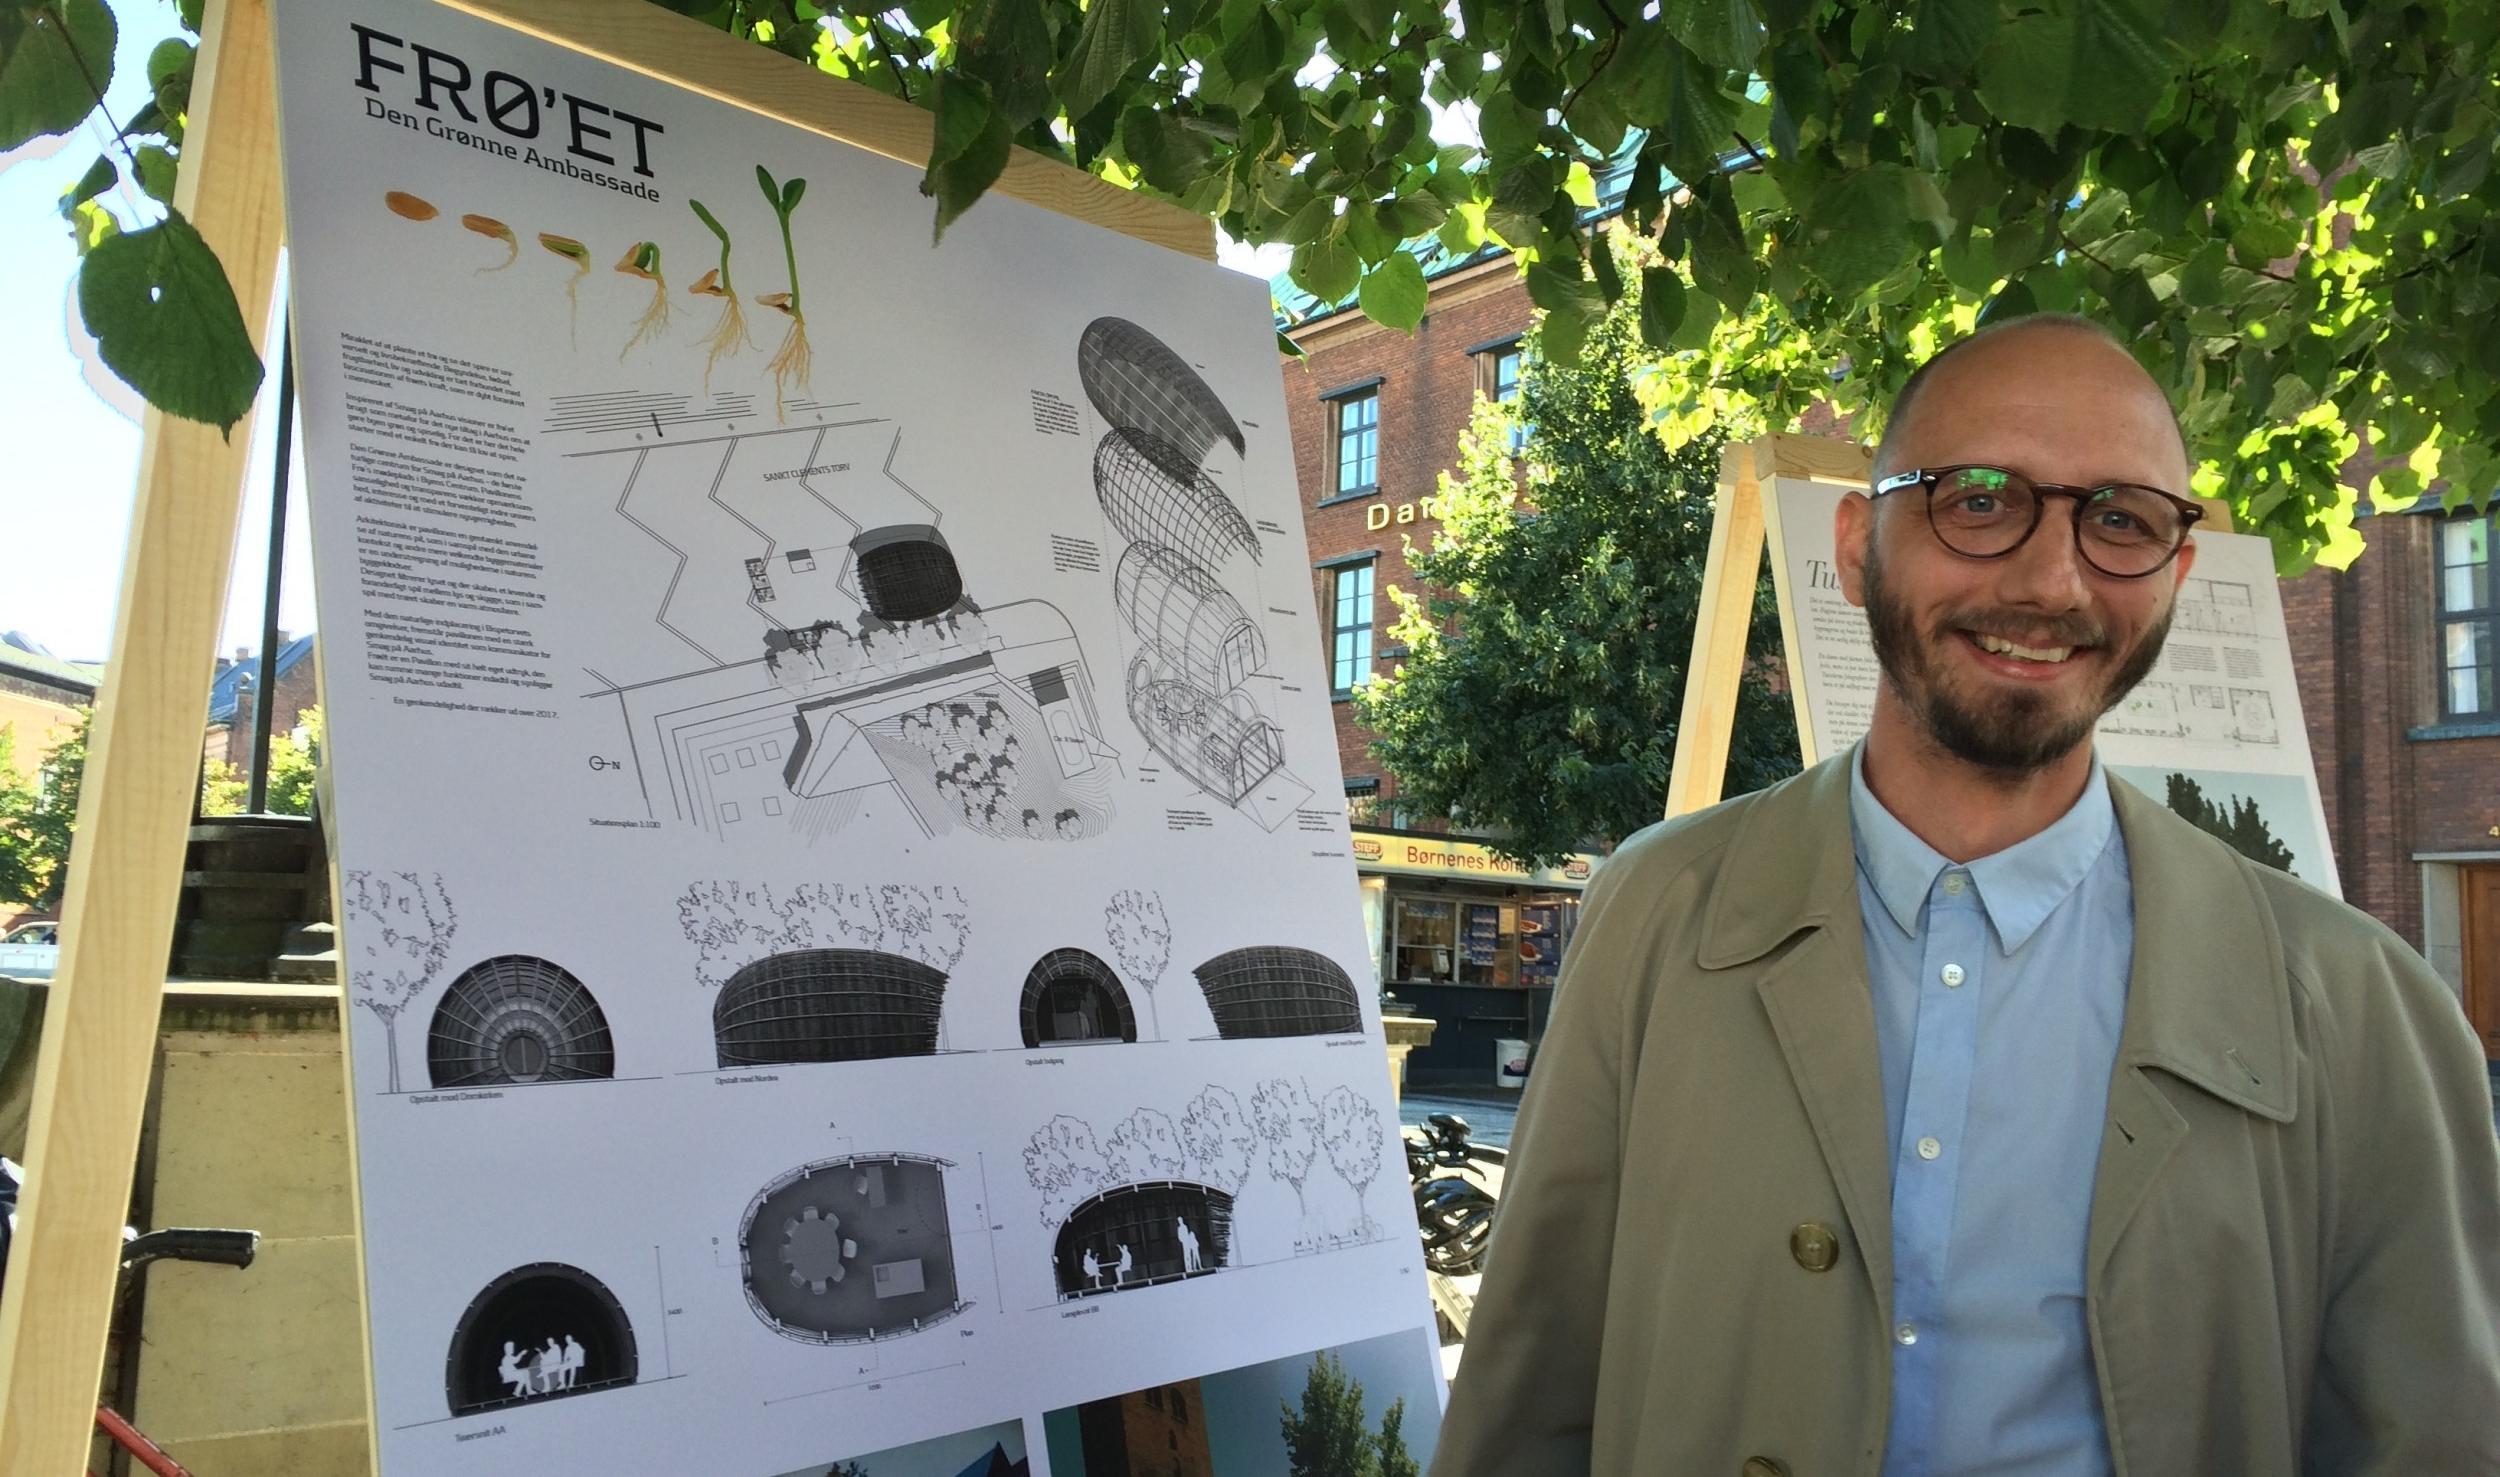 Steffen Impgaard - vinder af arkitektkonkurrence Den Grønne Ambassade